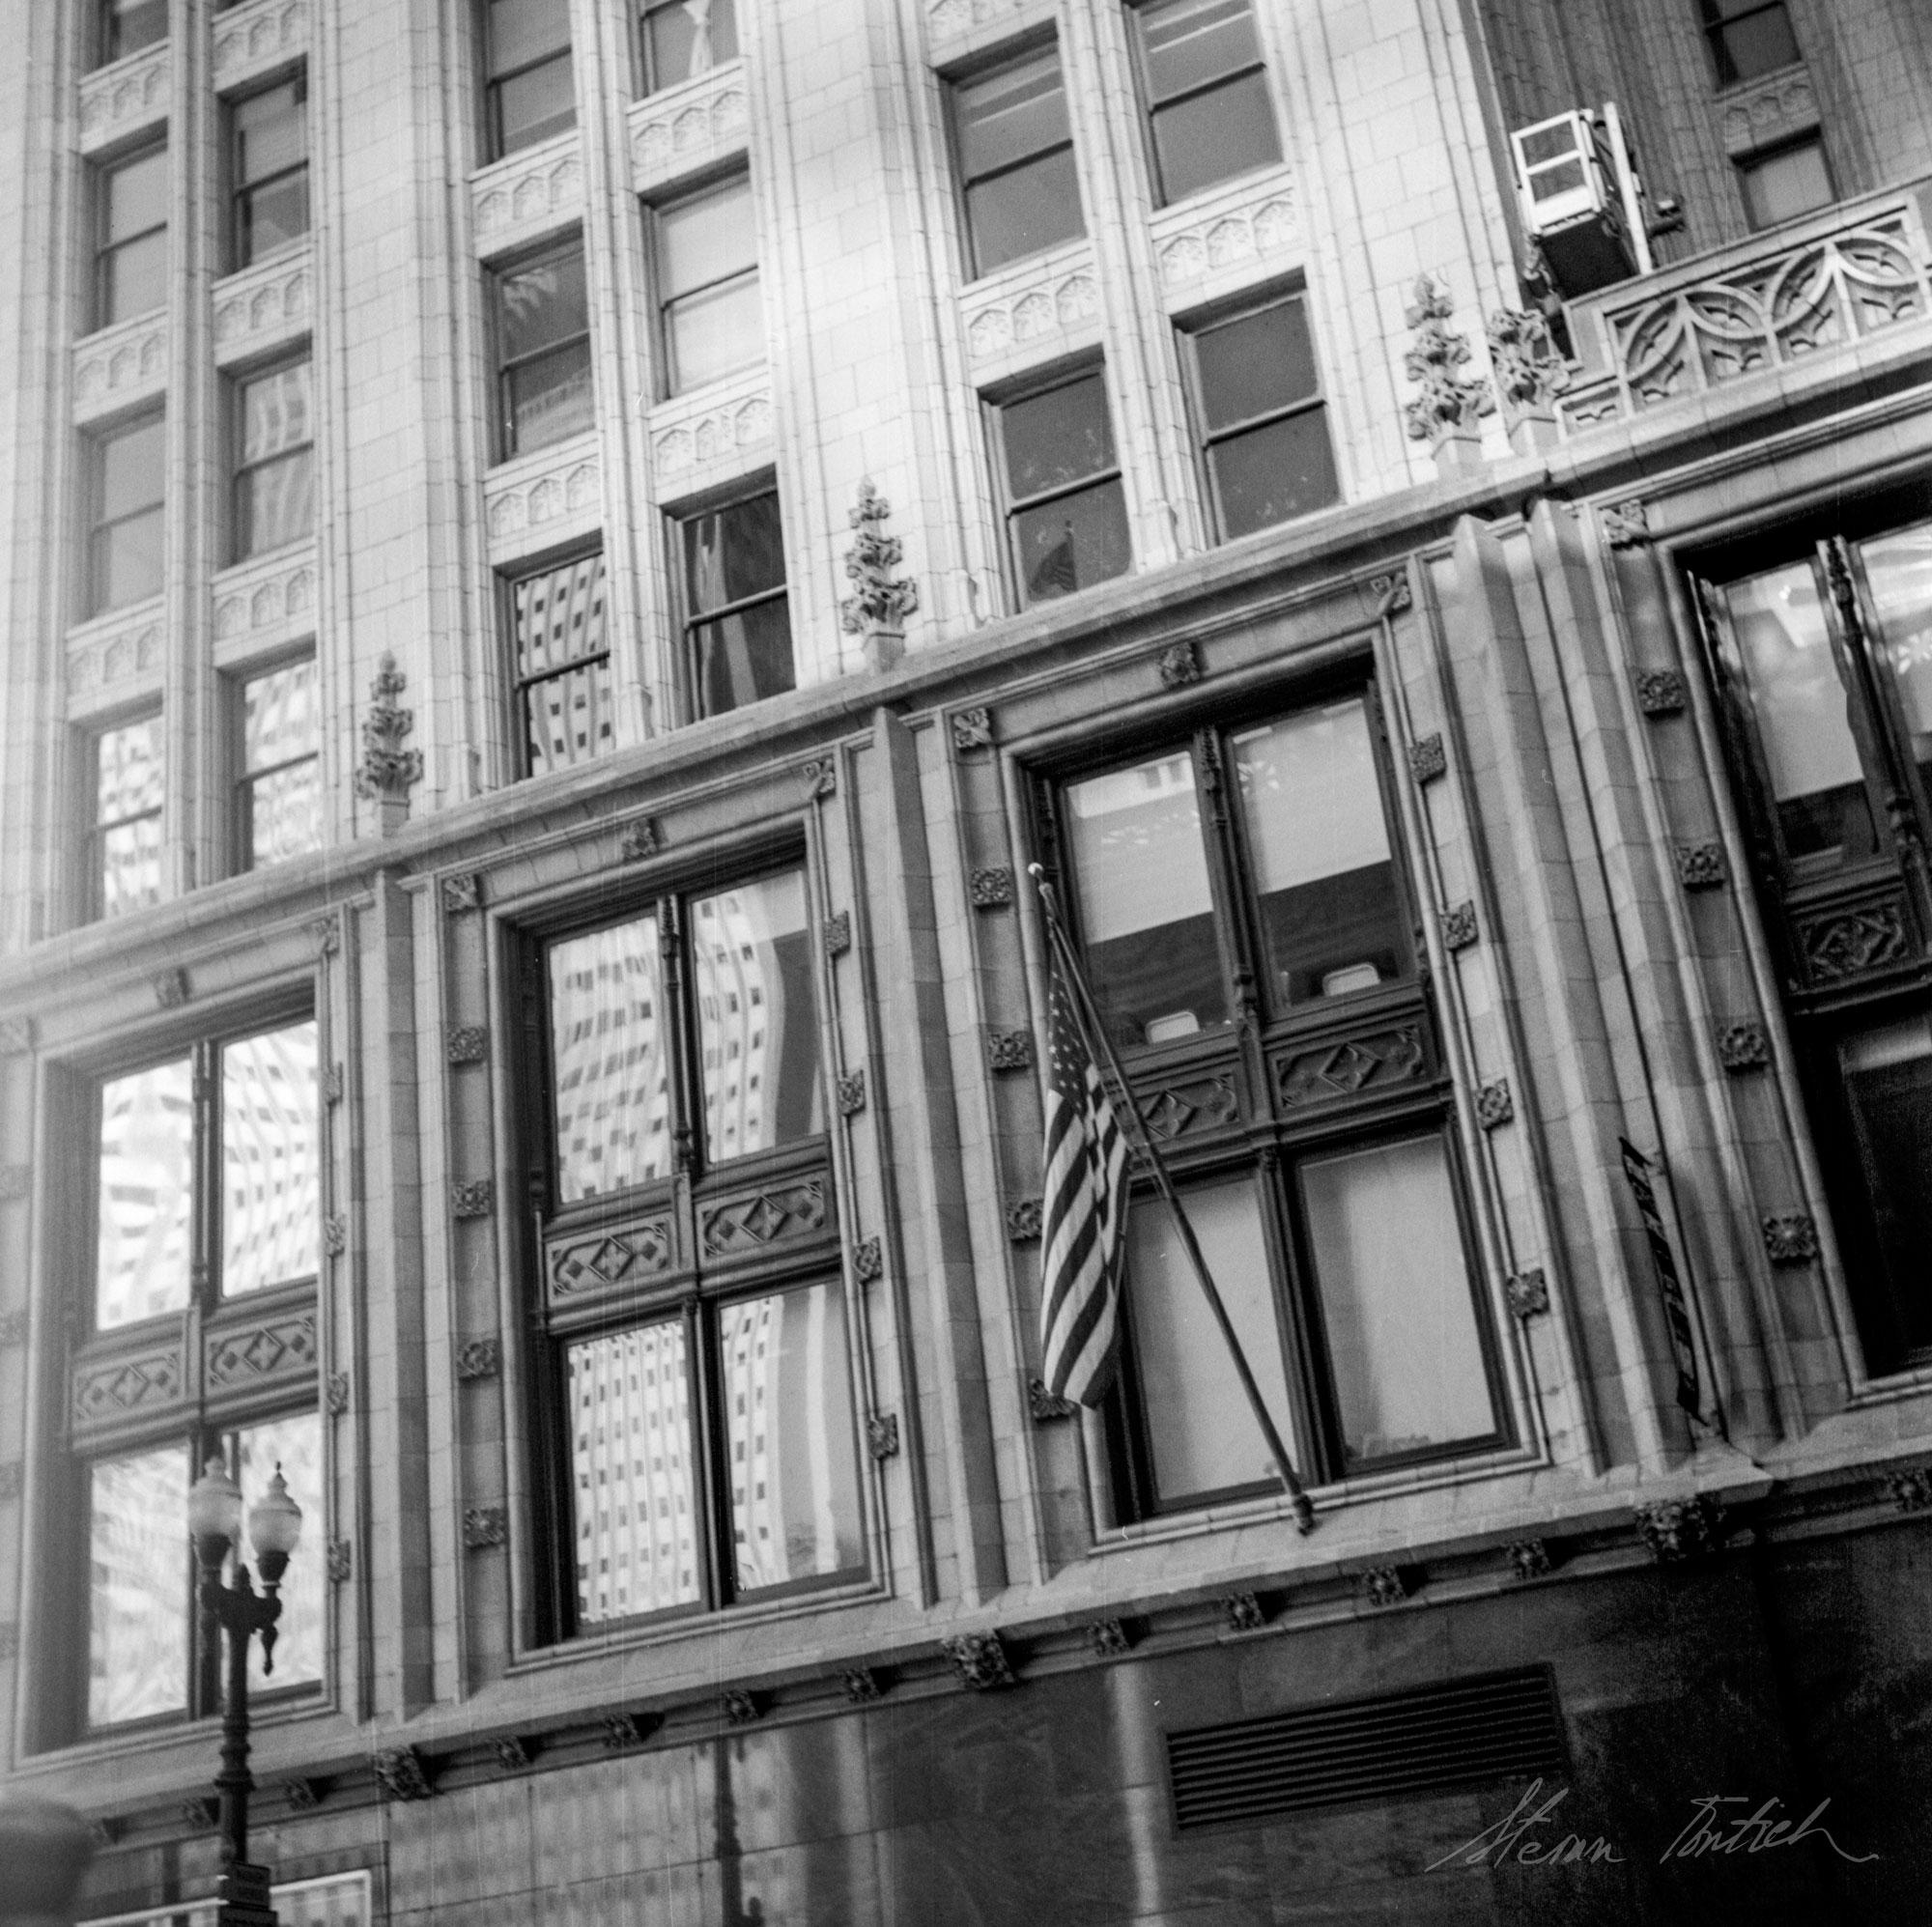 chicagowinter-05.jpg